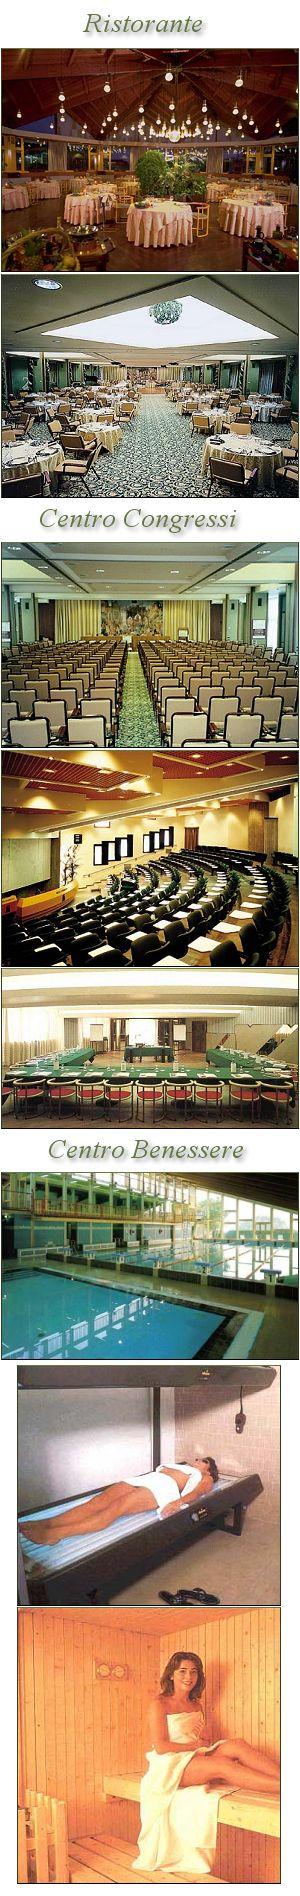 Hotel e Centro congressuale Federico II Hotel Jesi